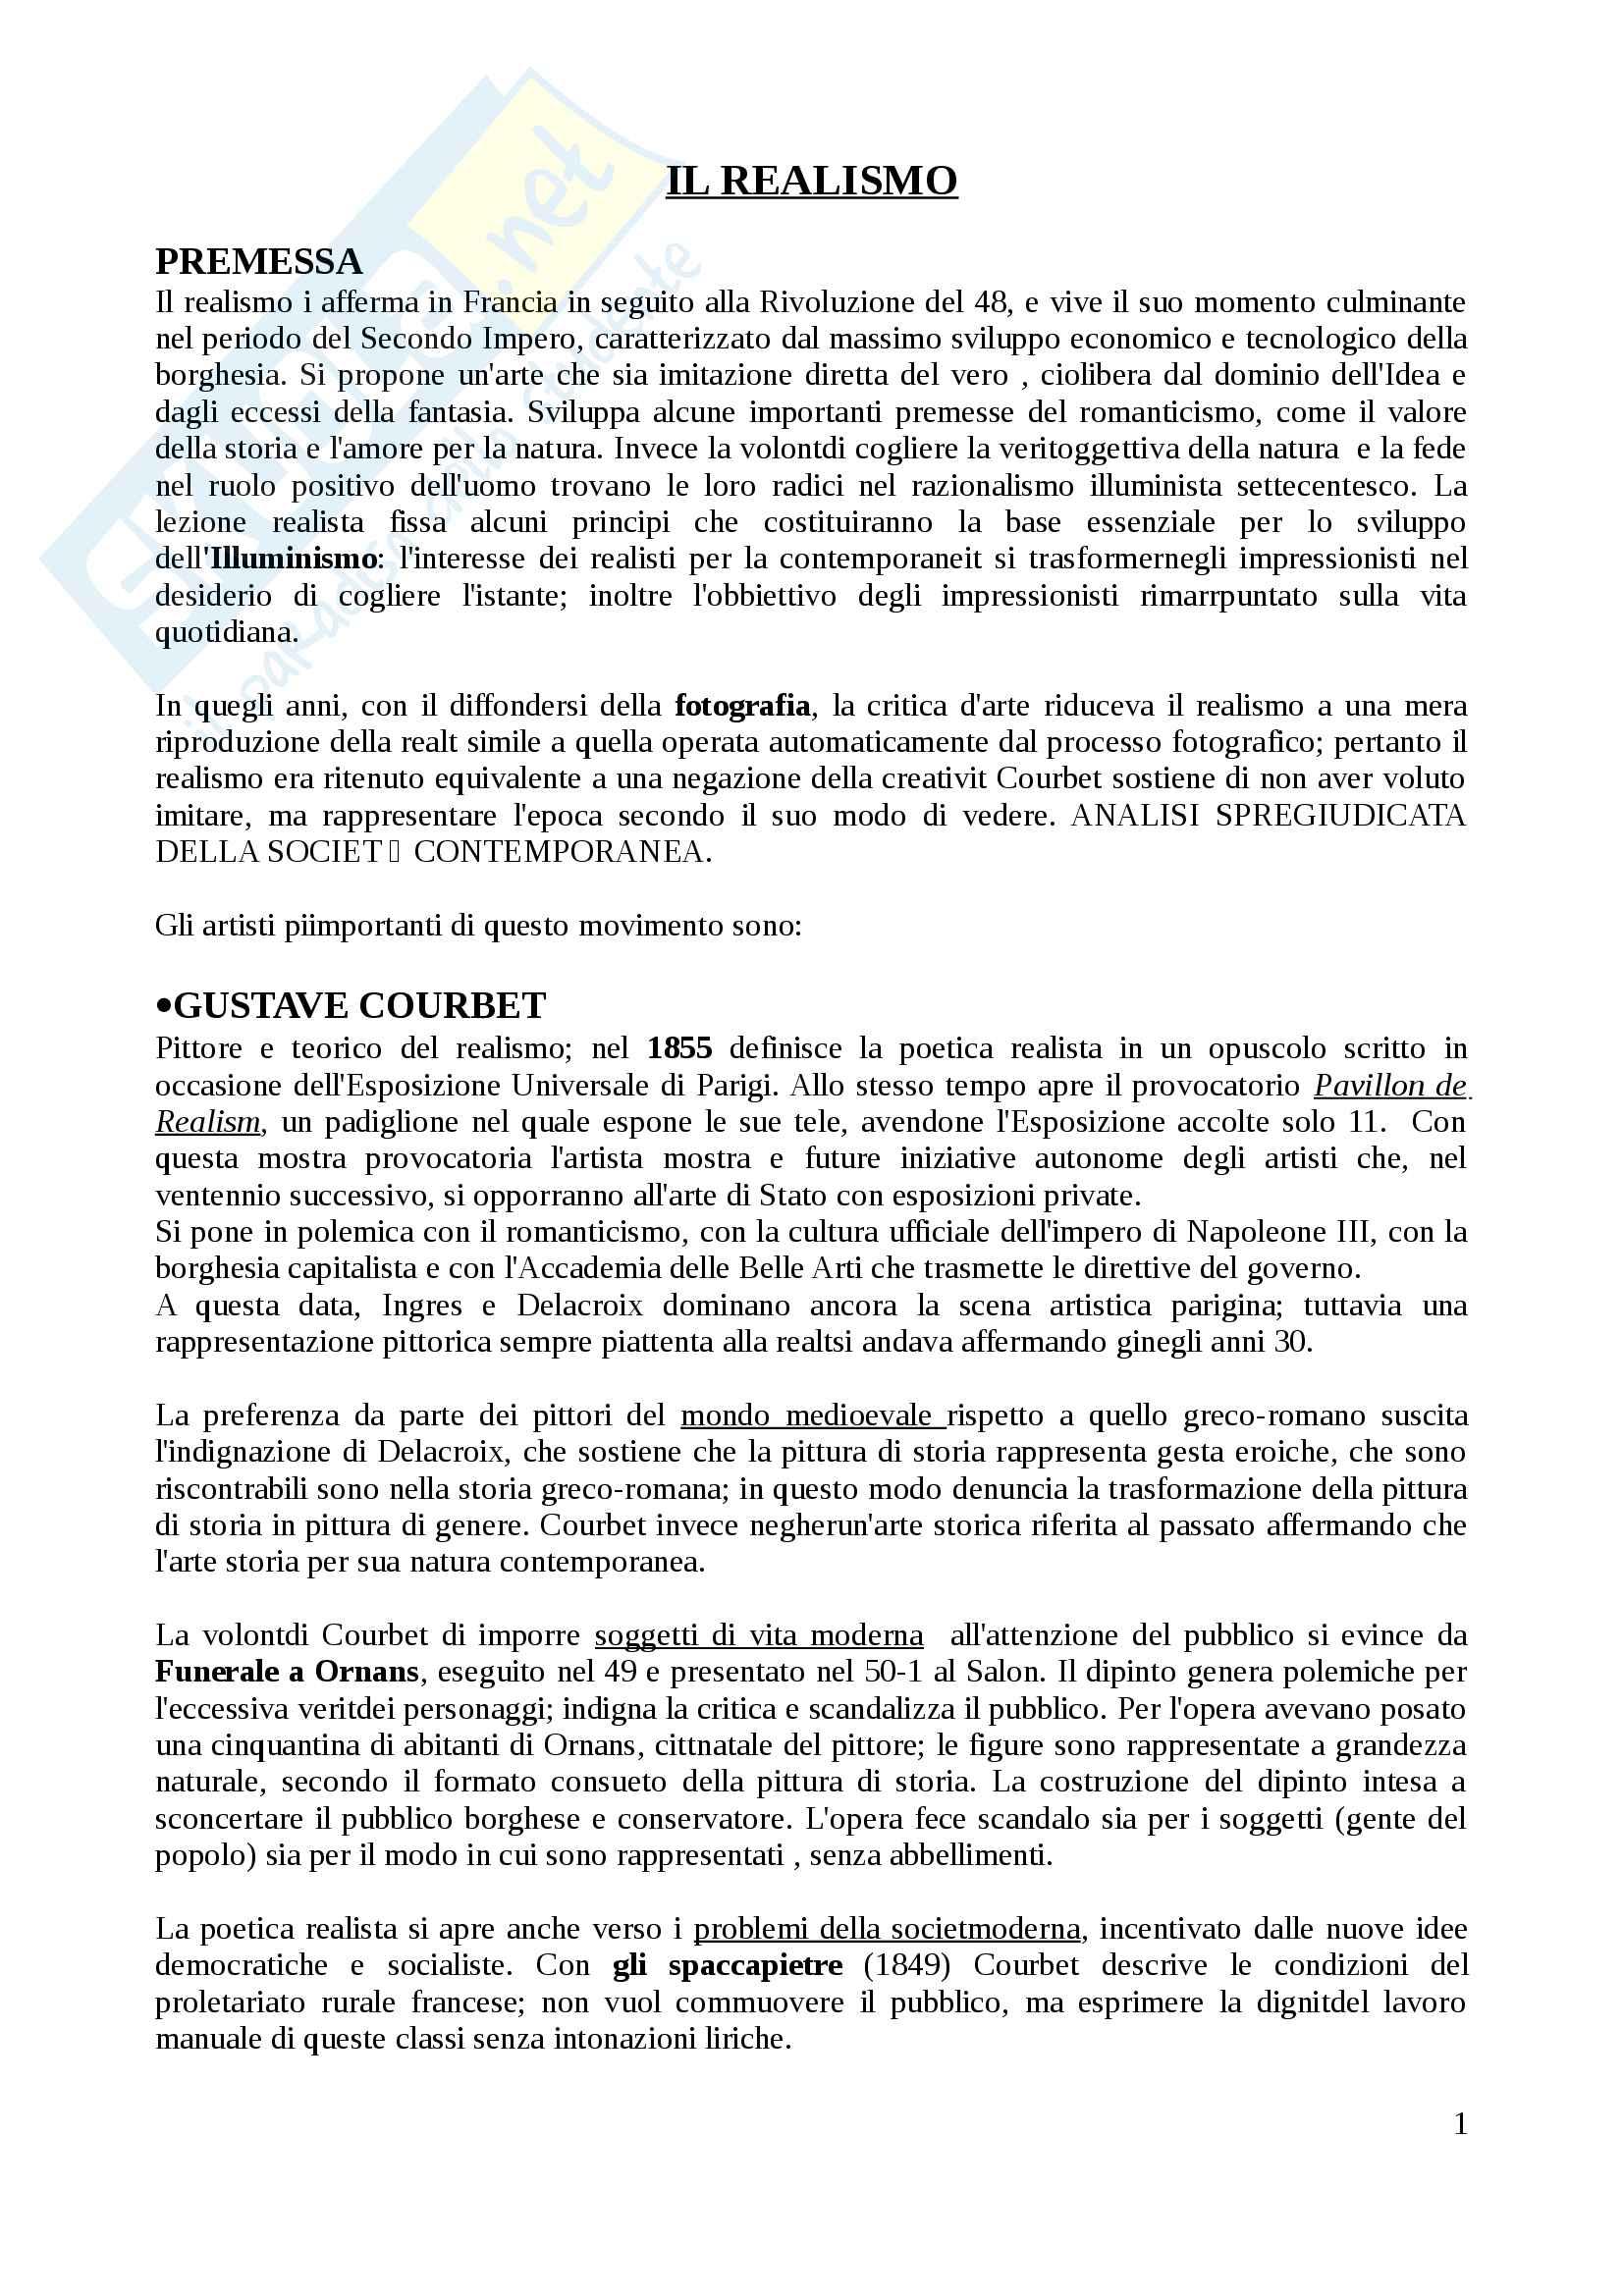 Riassunto esame Arte contmporanea (parte istituzionale), docente Di Raddo, libro consigliato: Nochlin, Il realismo